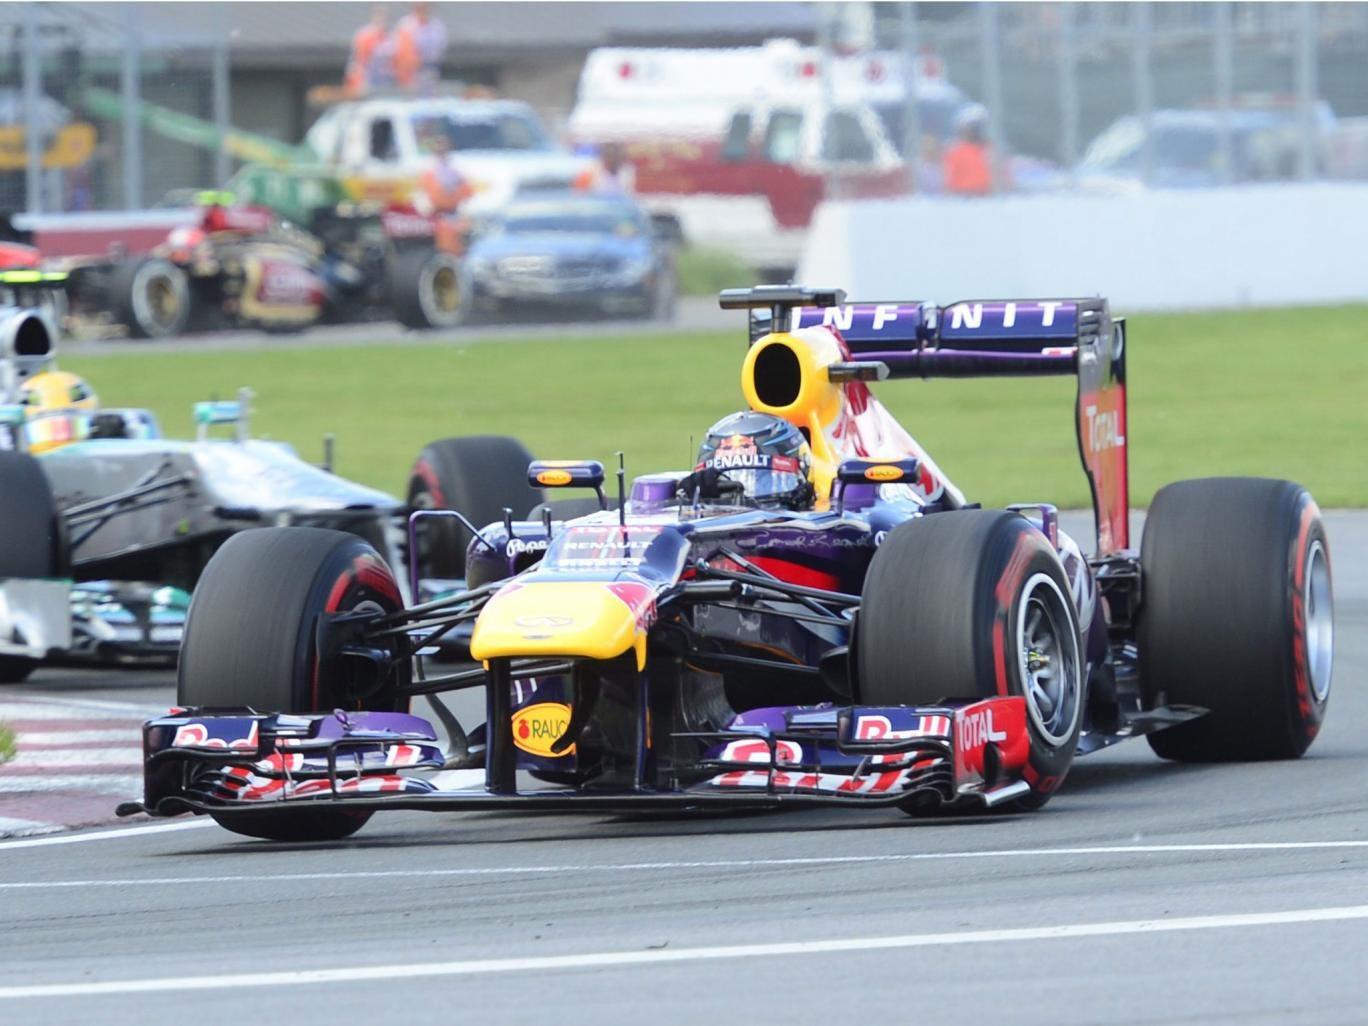 Red Bull's Sebastian Vettel leads Mercedes' Lewis Hamilton in Montreal